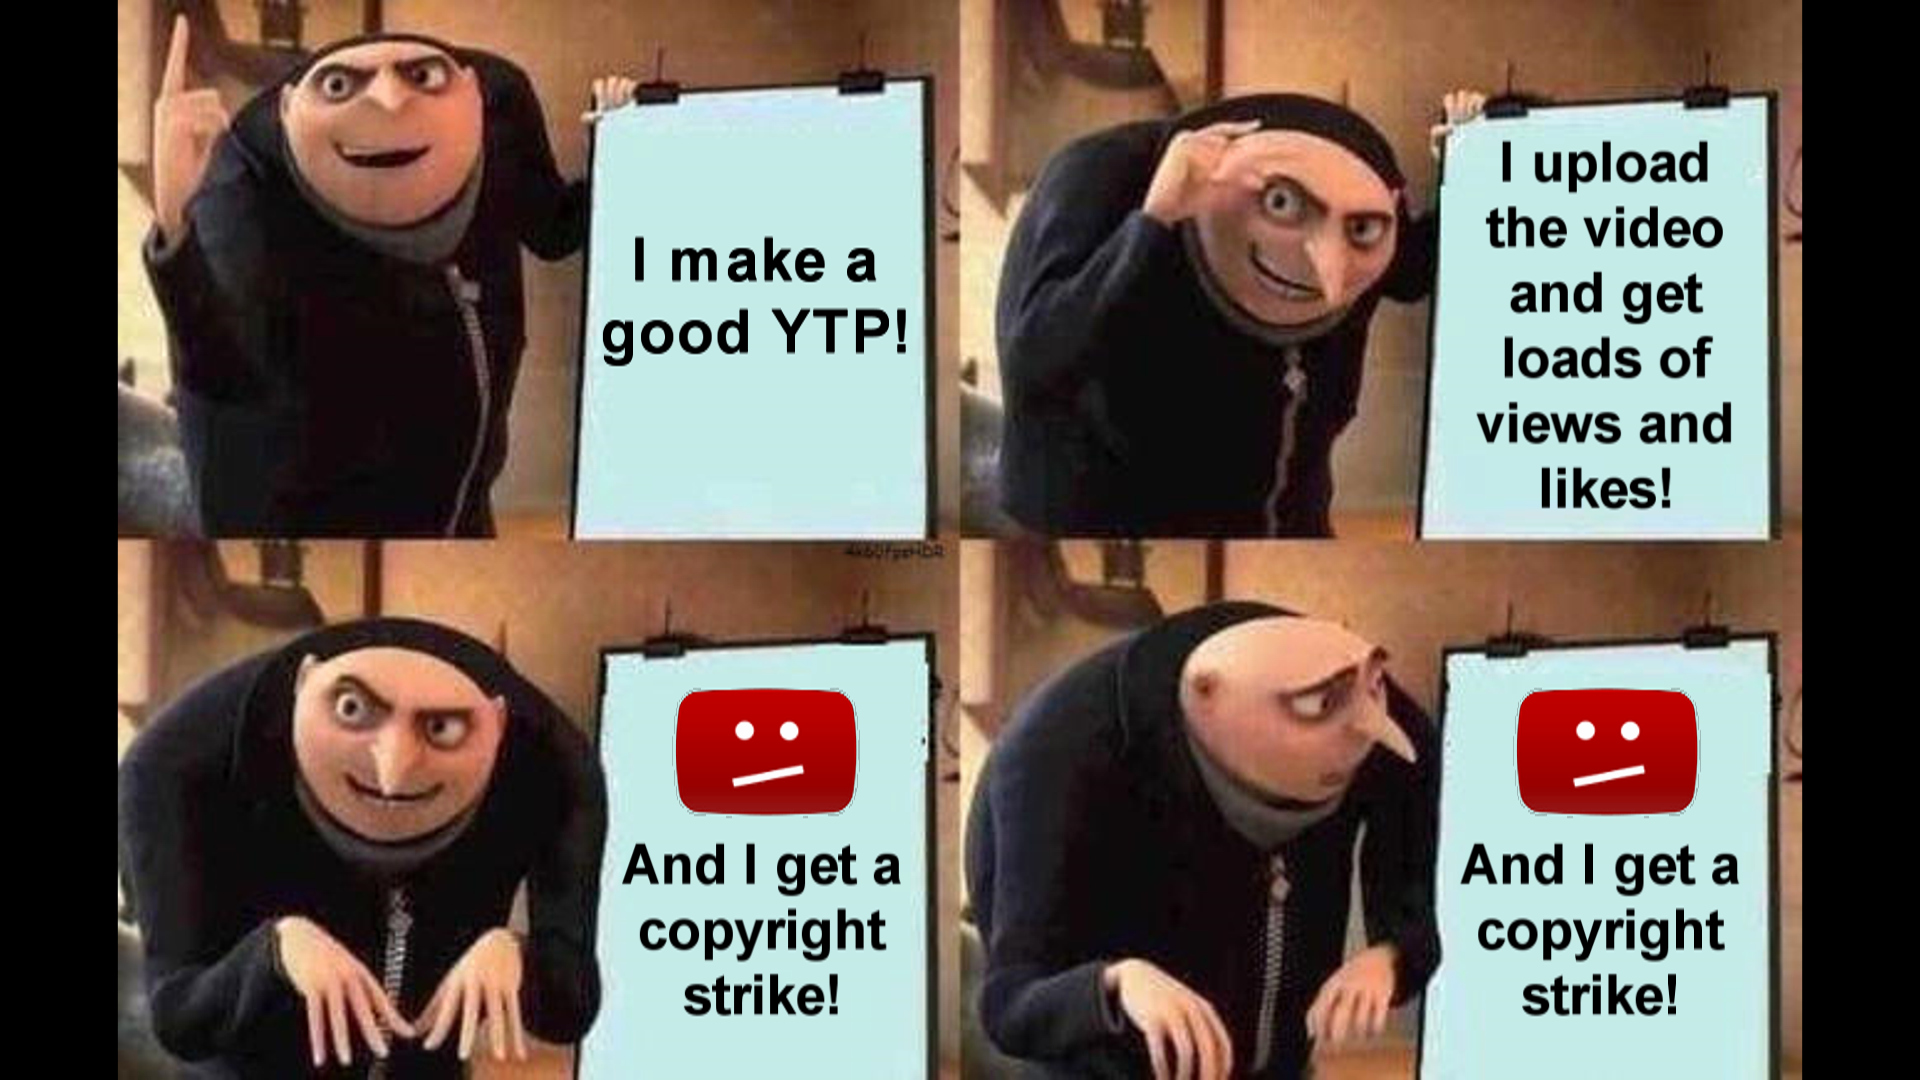 Gru Plan Meme Template Awesome Poop In A Nutshell Gru S Plan